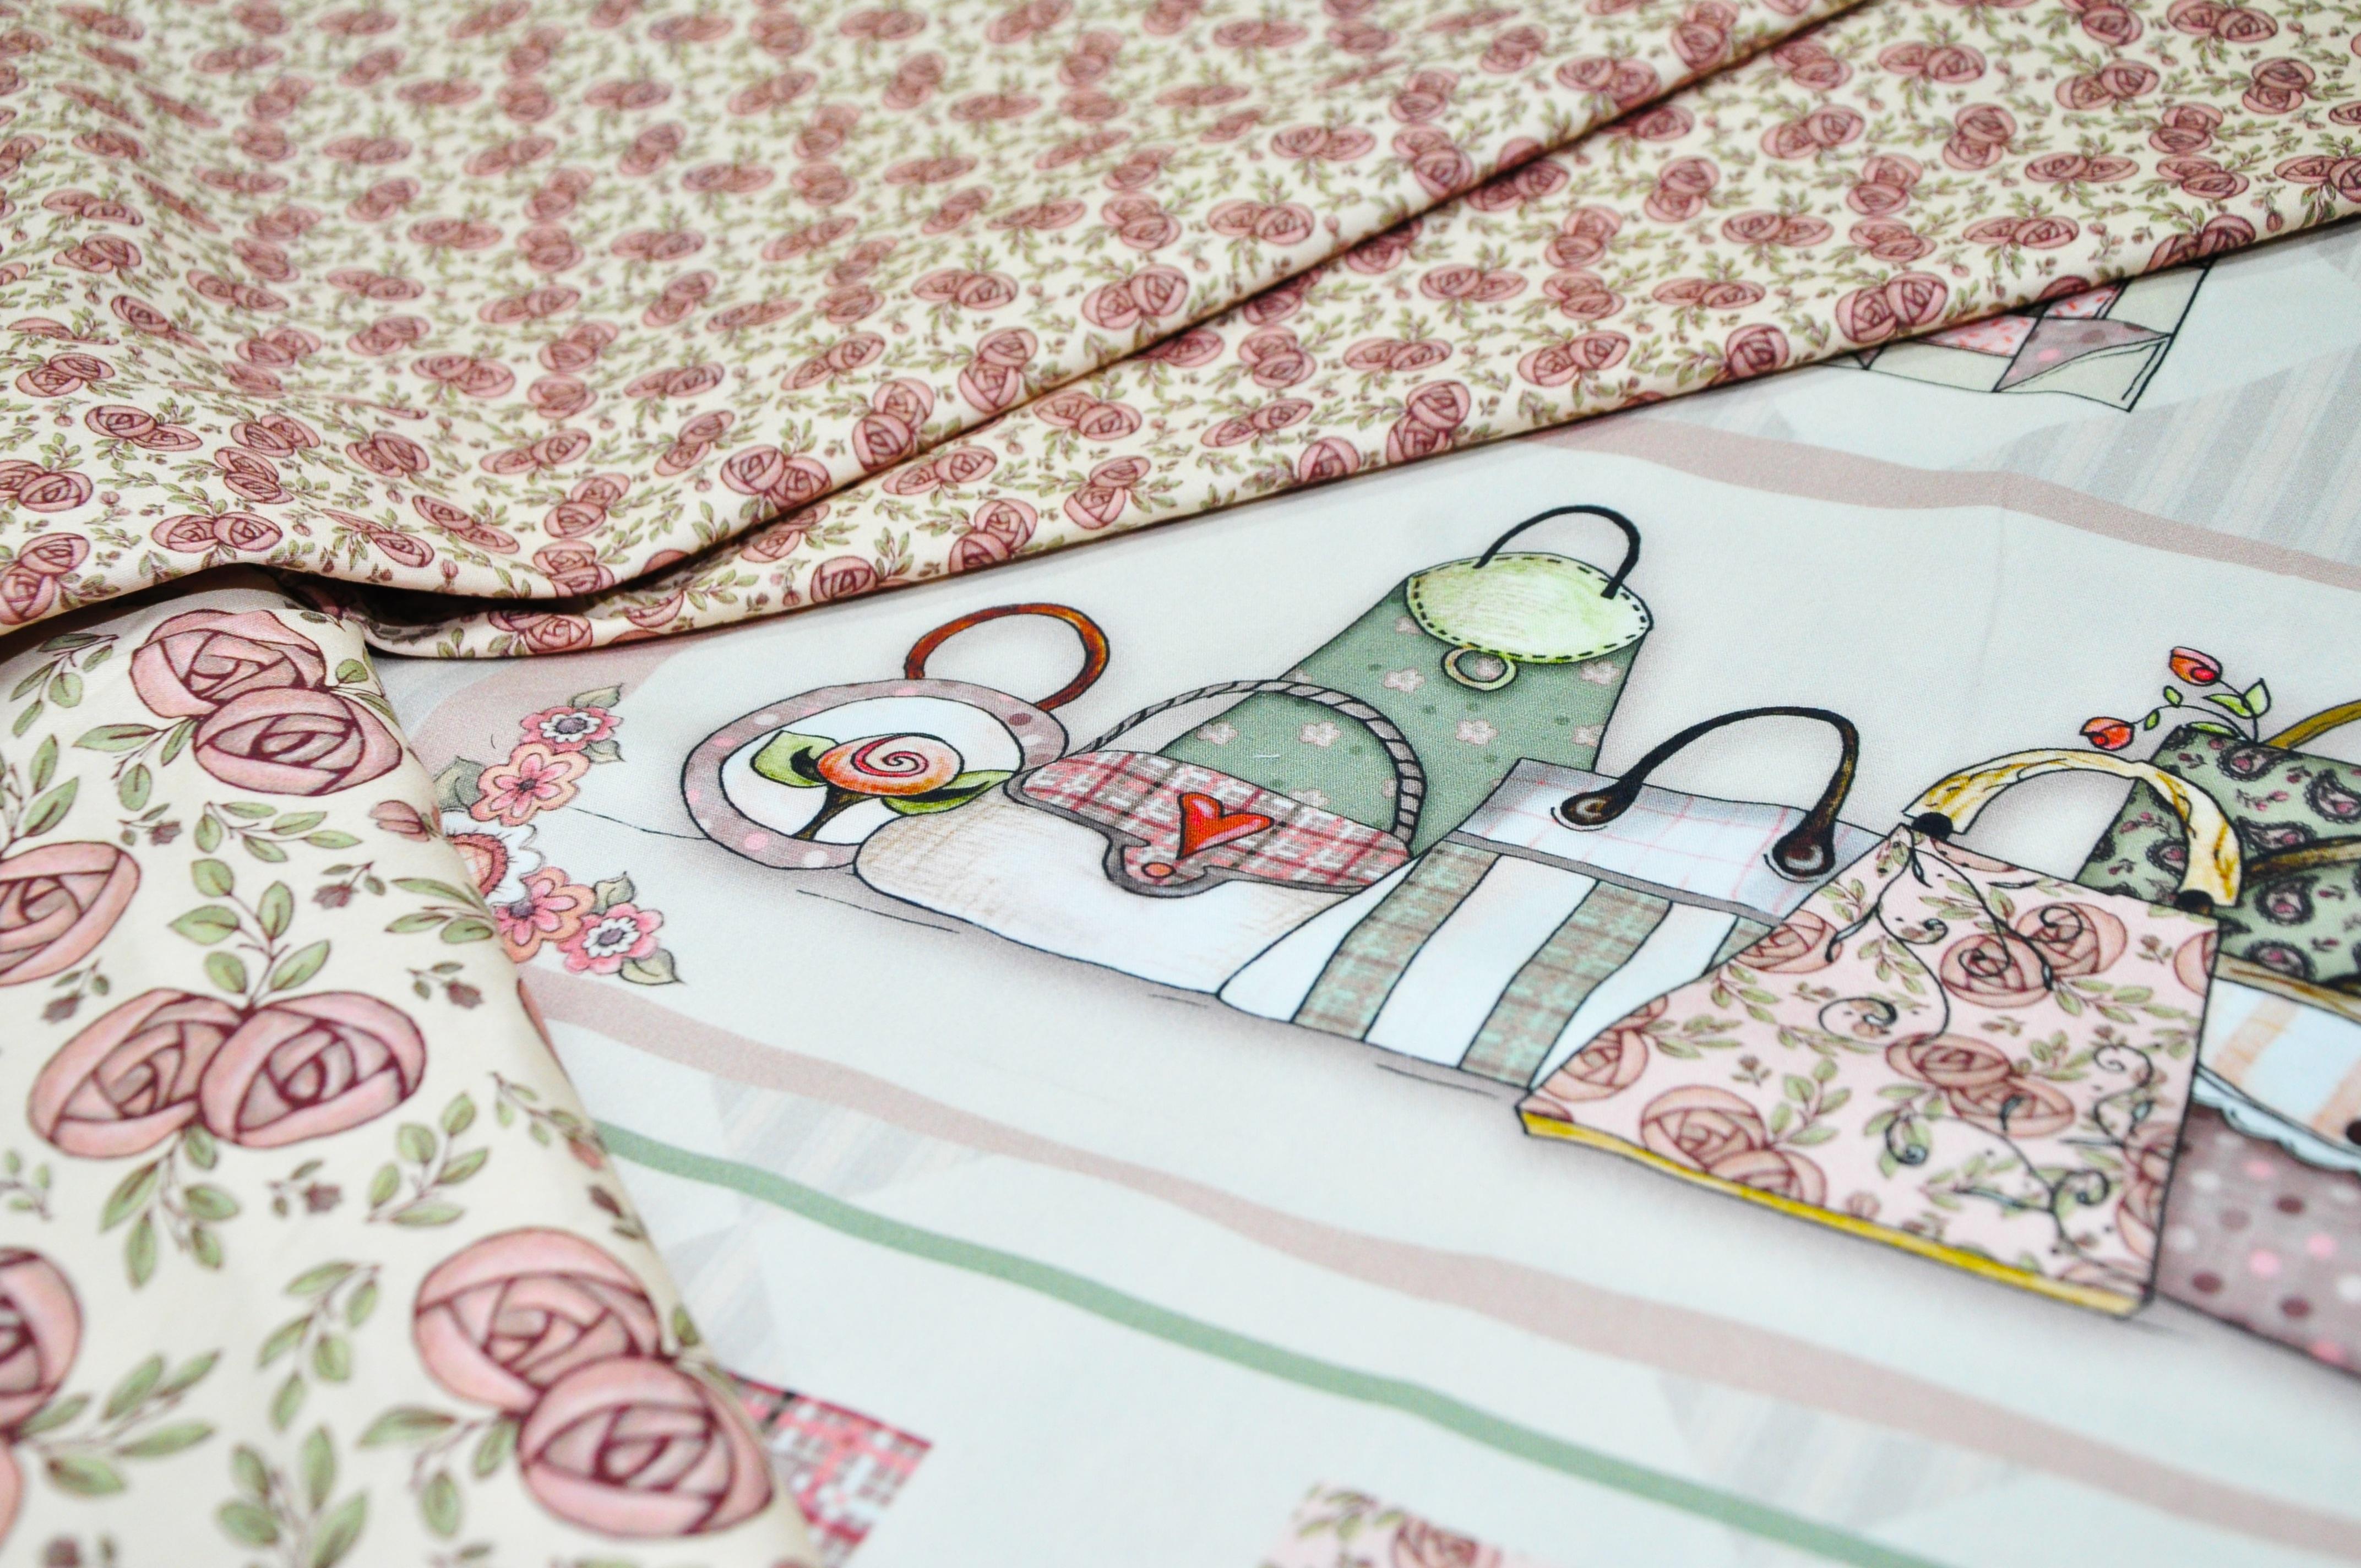 images gratuites fleur  mod u00e8le  printemps  rose  courtepointe  patchwork  textile  art Nikon D5000 Manual Graphic tutorial nikon d5000 español